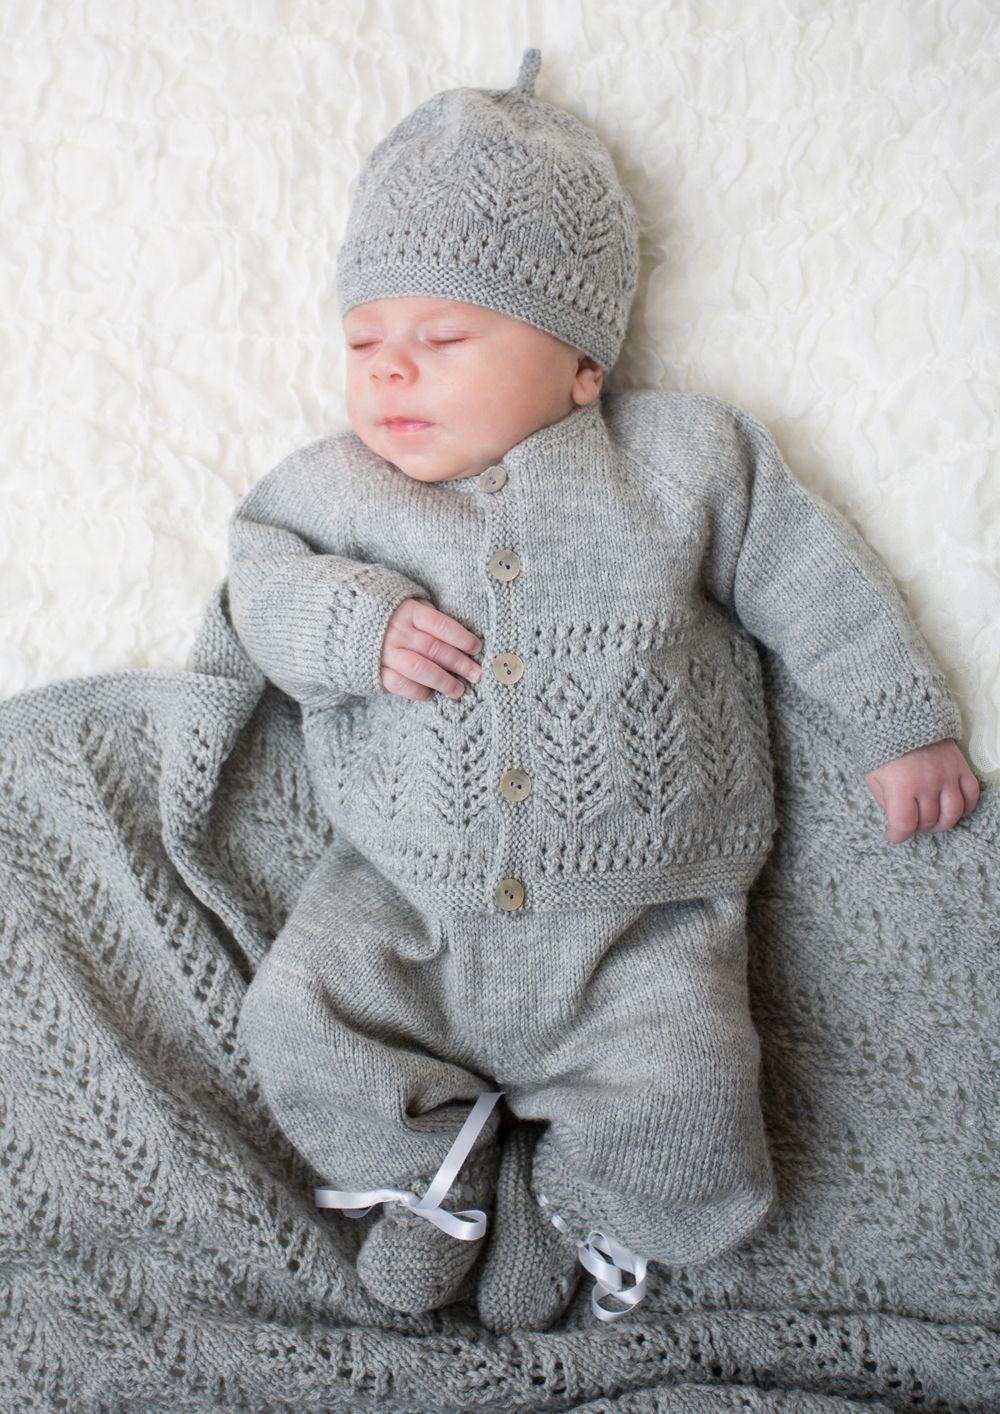 hentesett baby - Google-søgning   Strikke ideer   Pinterest   Das ...